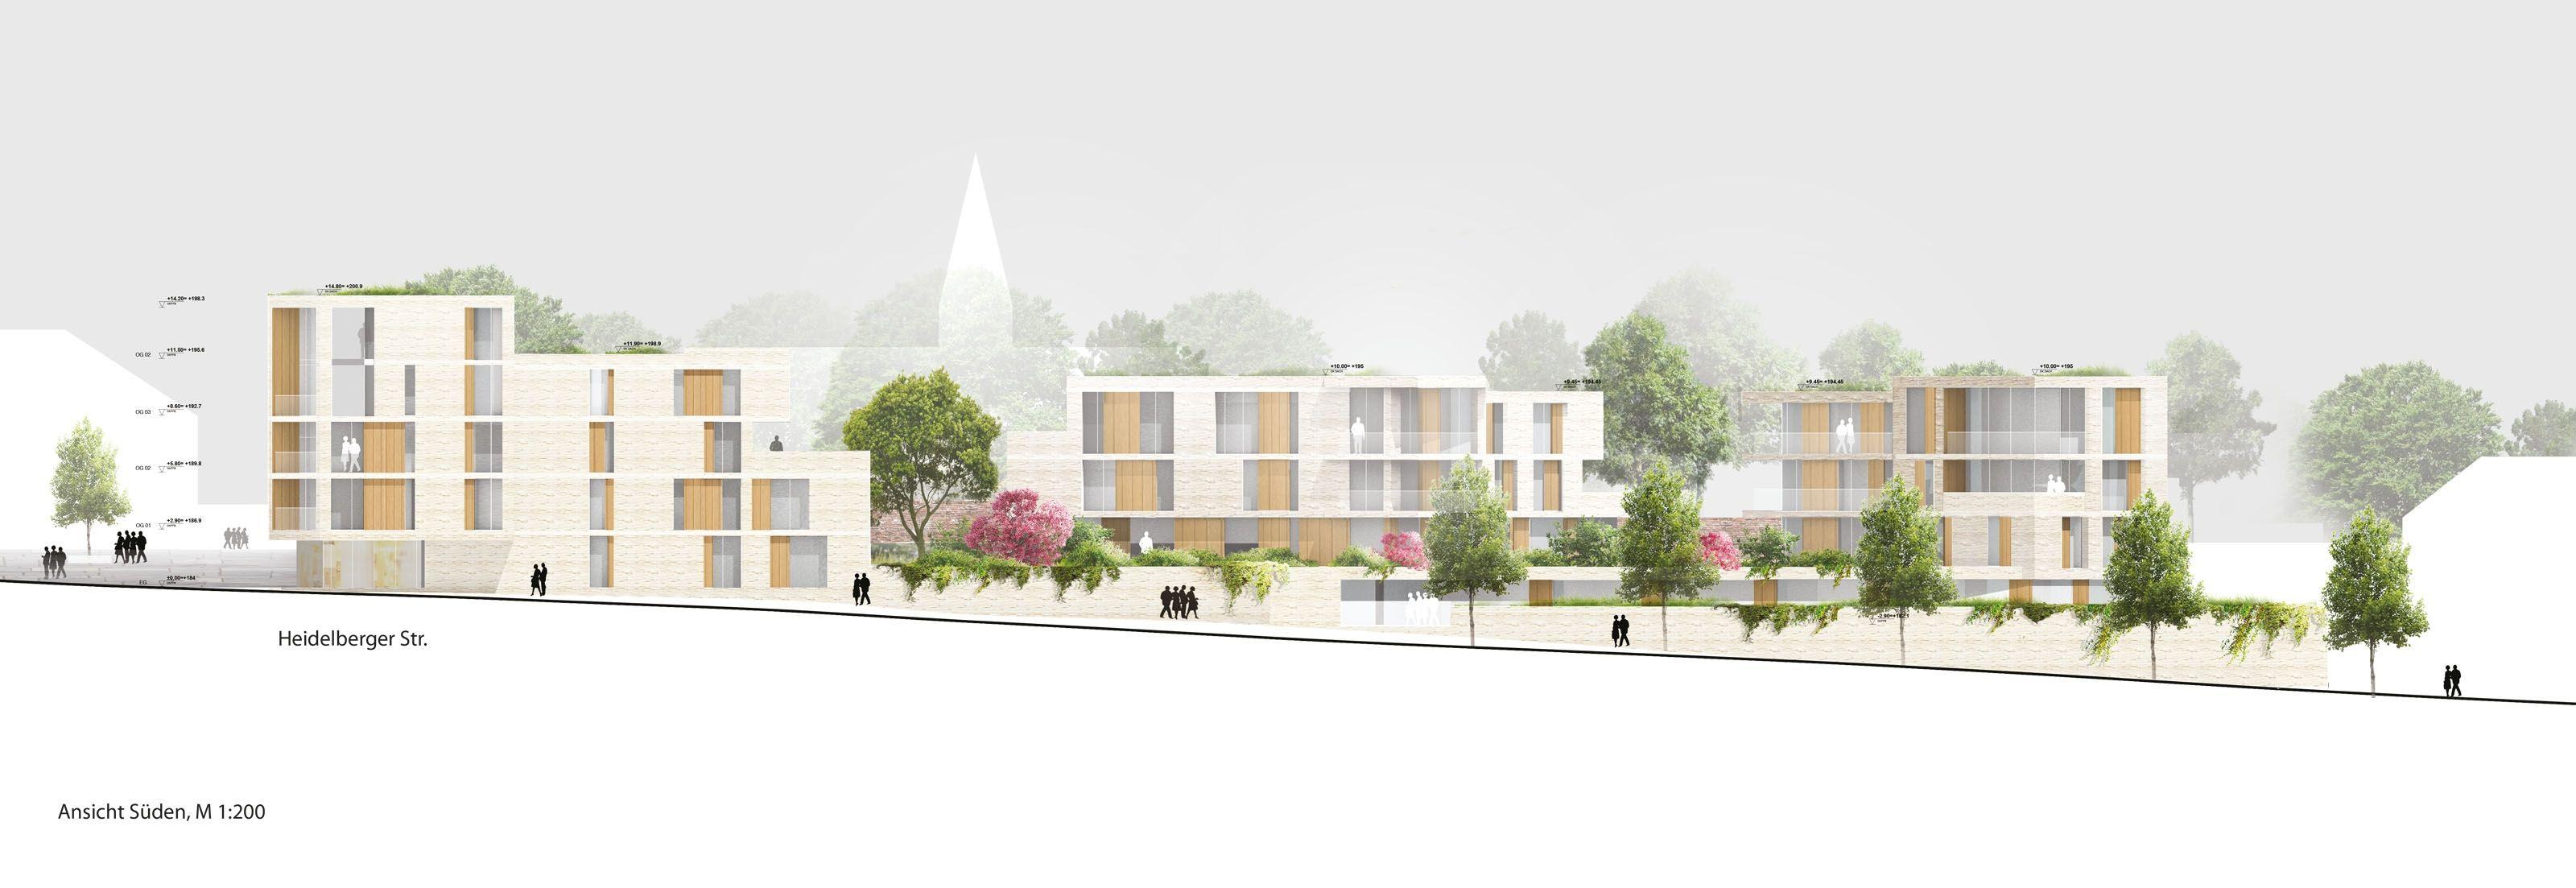 Architektur Ansicht 2 preis ansicht süden haascookzemmrich studio2050 freie